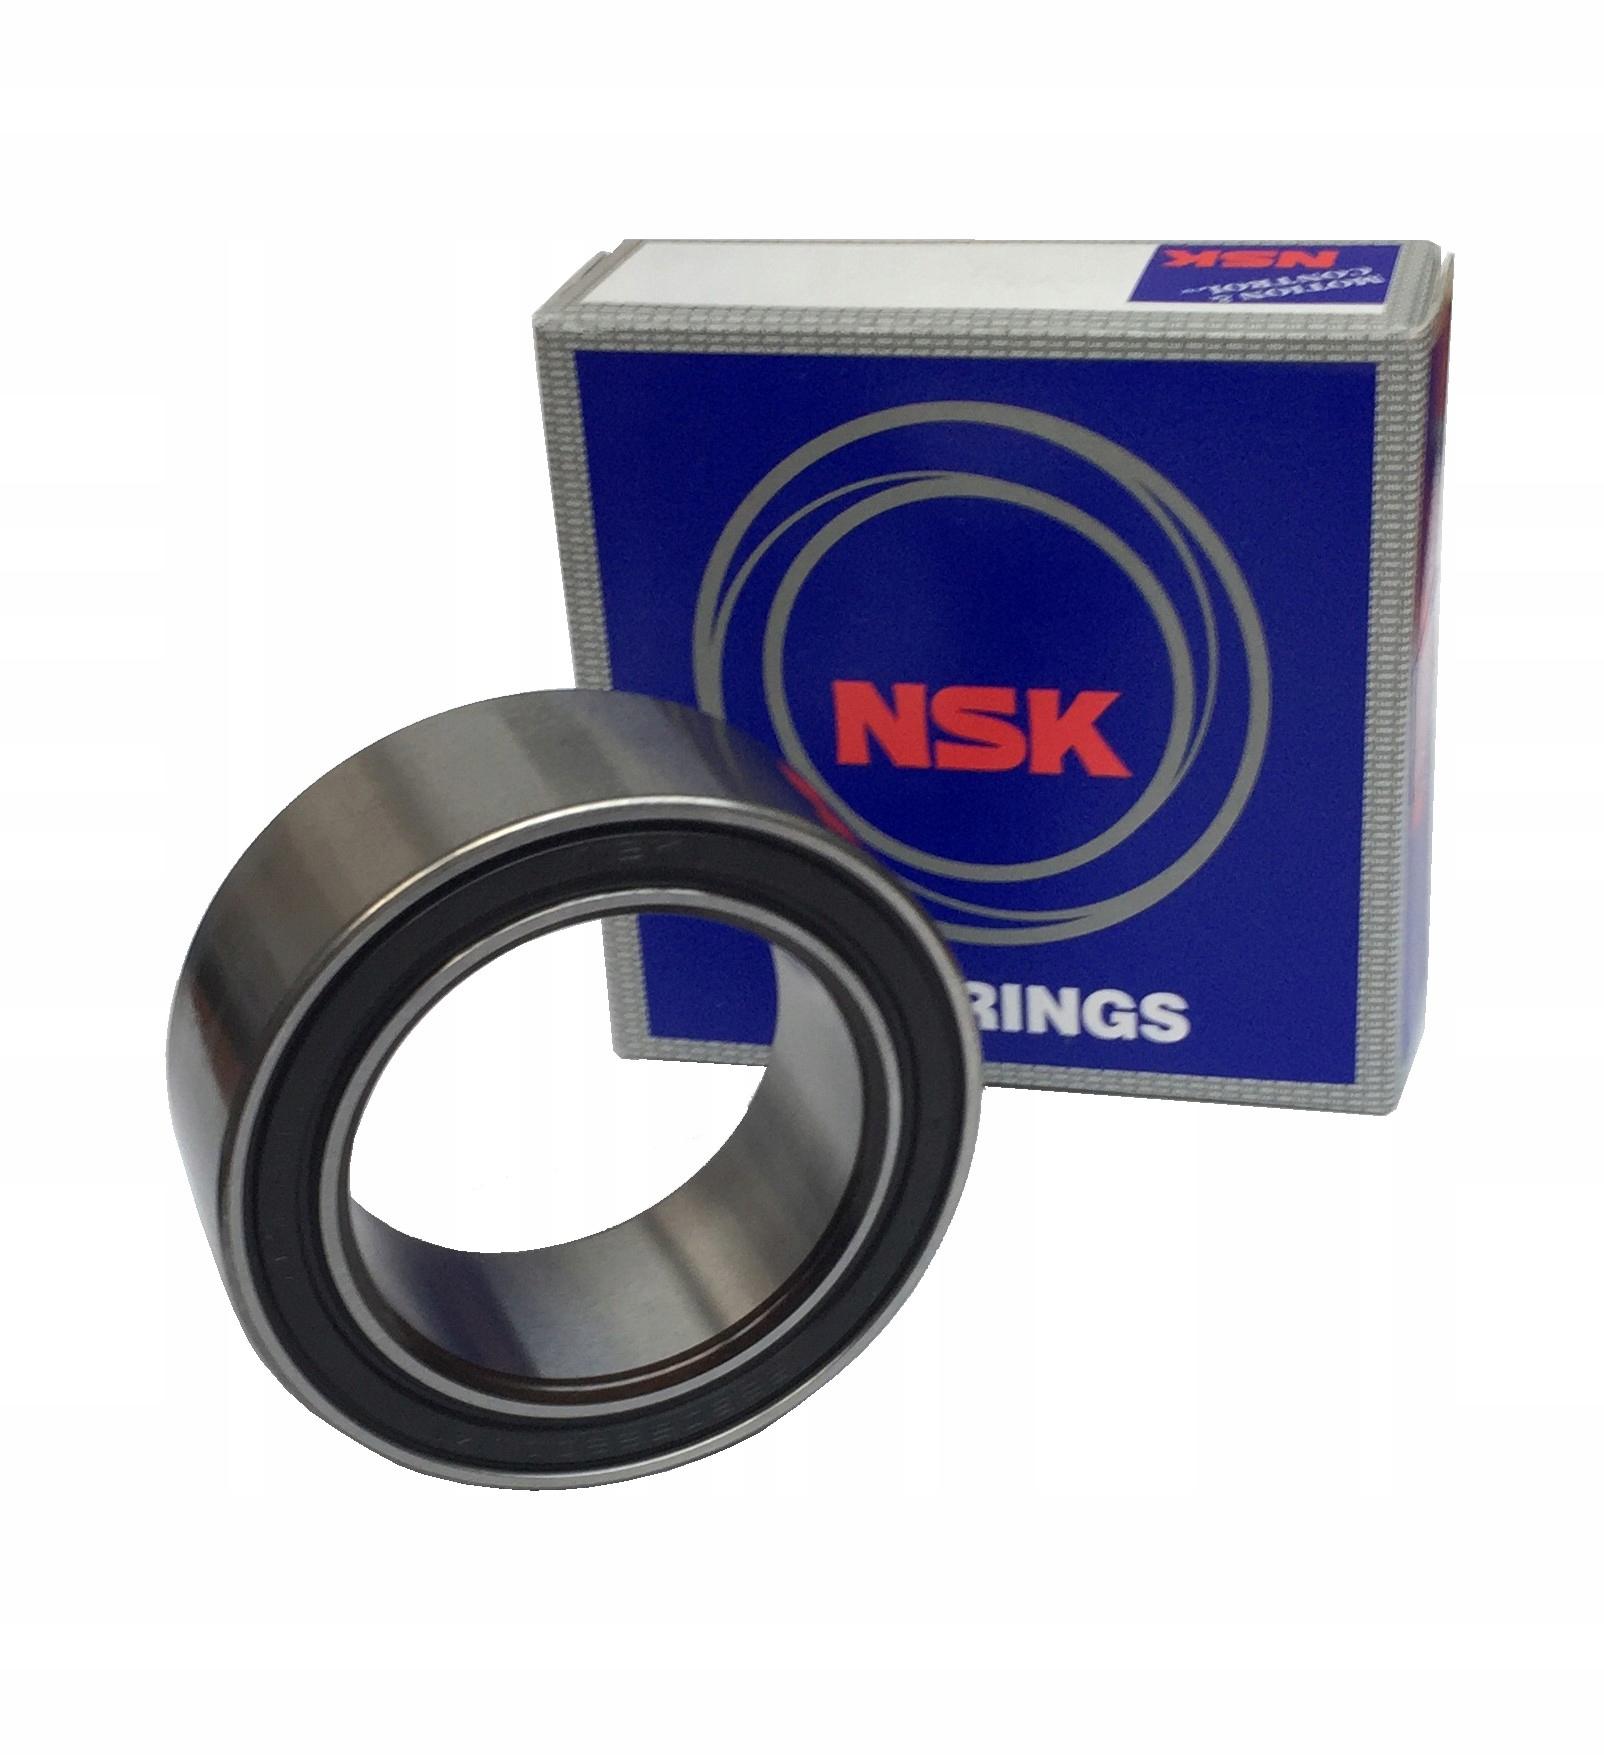 Подшипник кондиционирования воздуха nsk 35 x 52 x 20 - оригинал